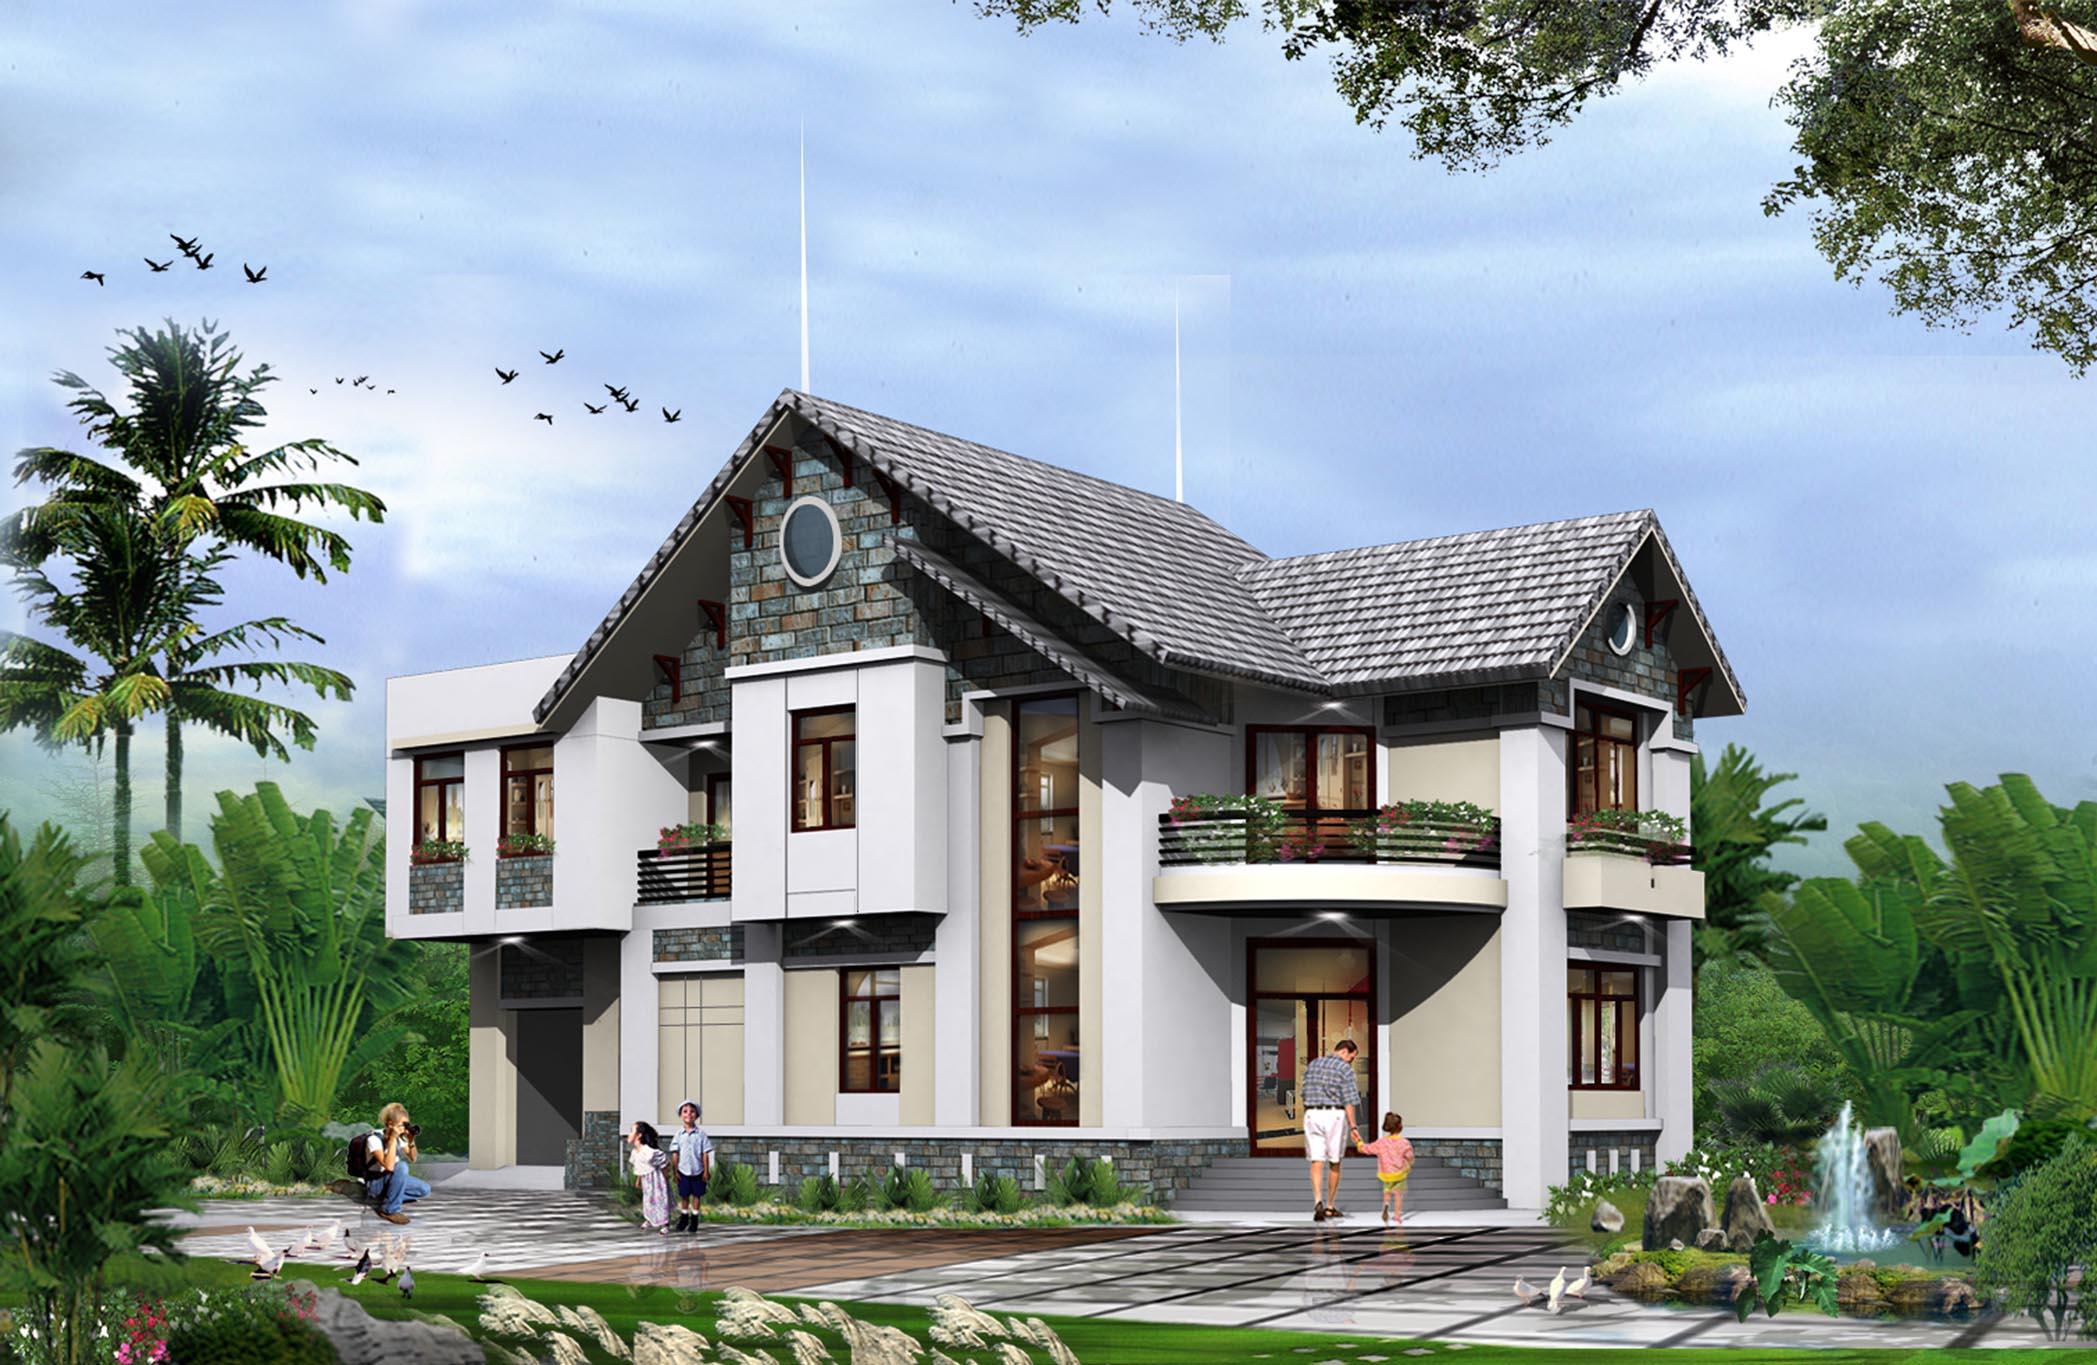 Phong thủy khi xây dựng nhà